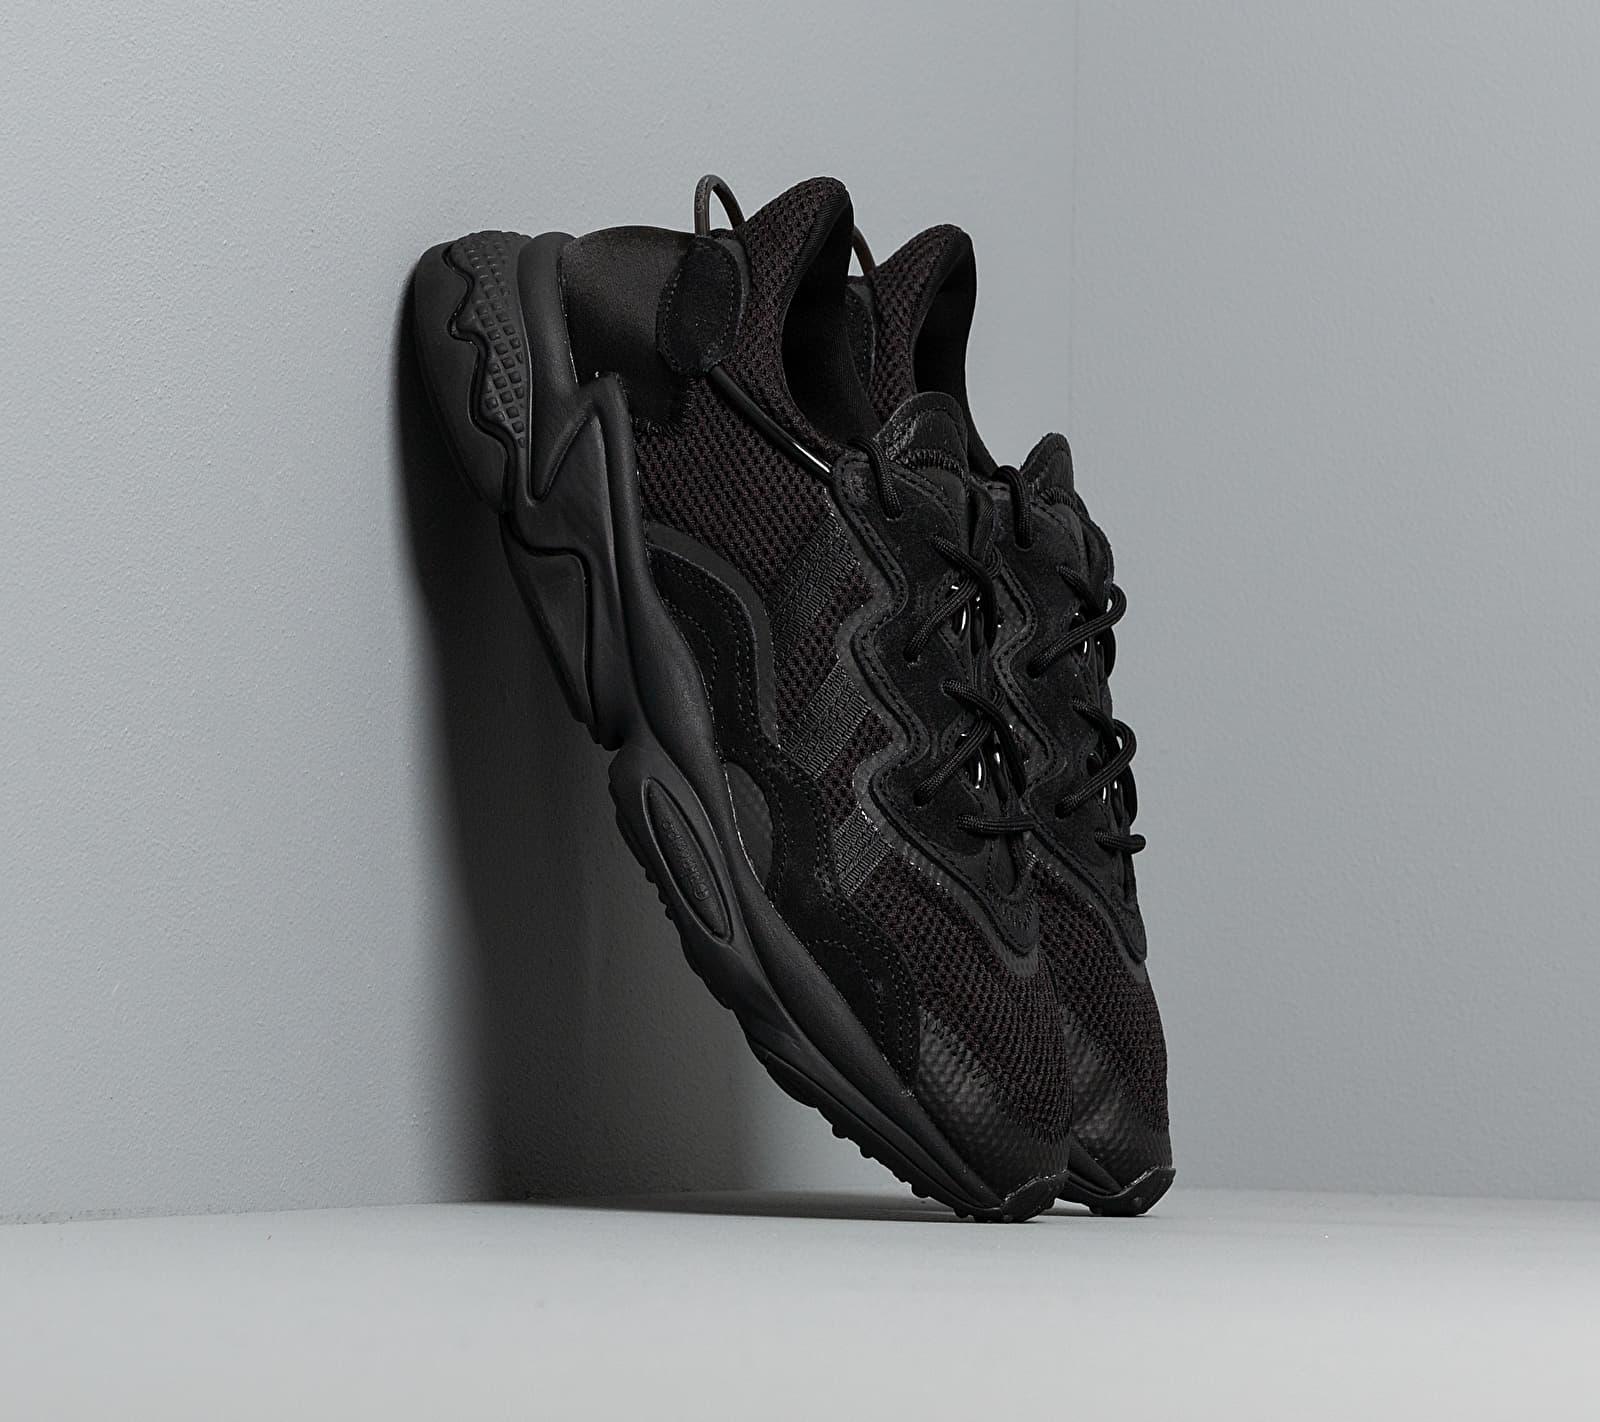 adidas Ozweego Core Black/ Core Black/ Grey Five EE6999